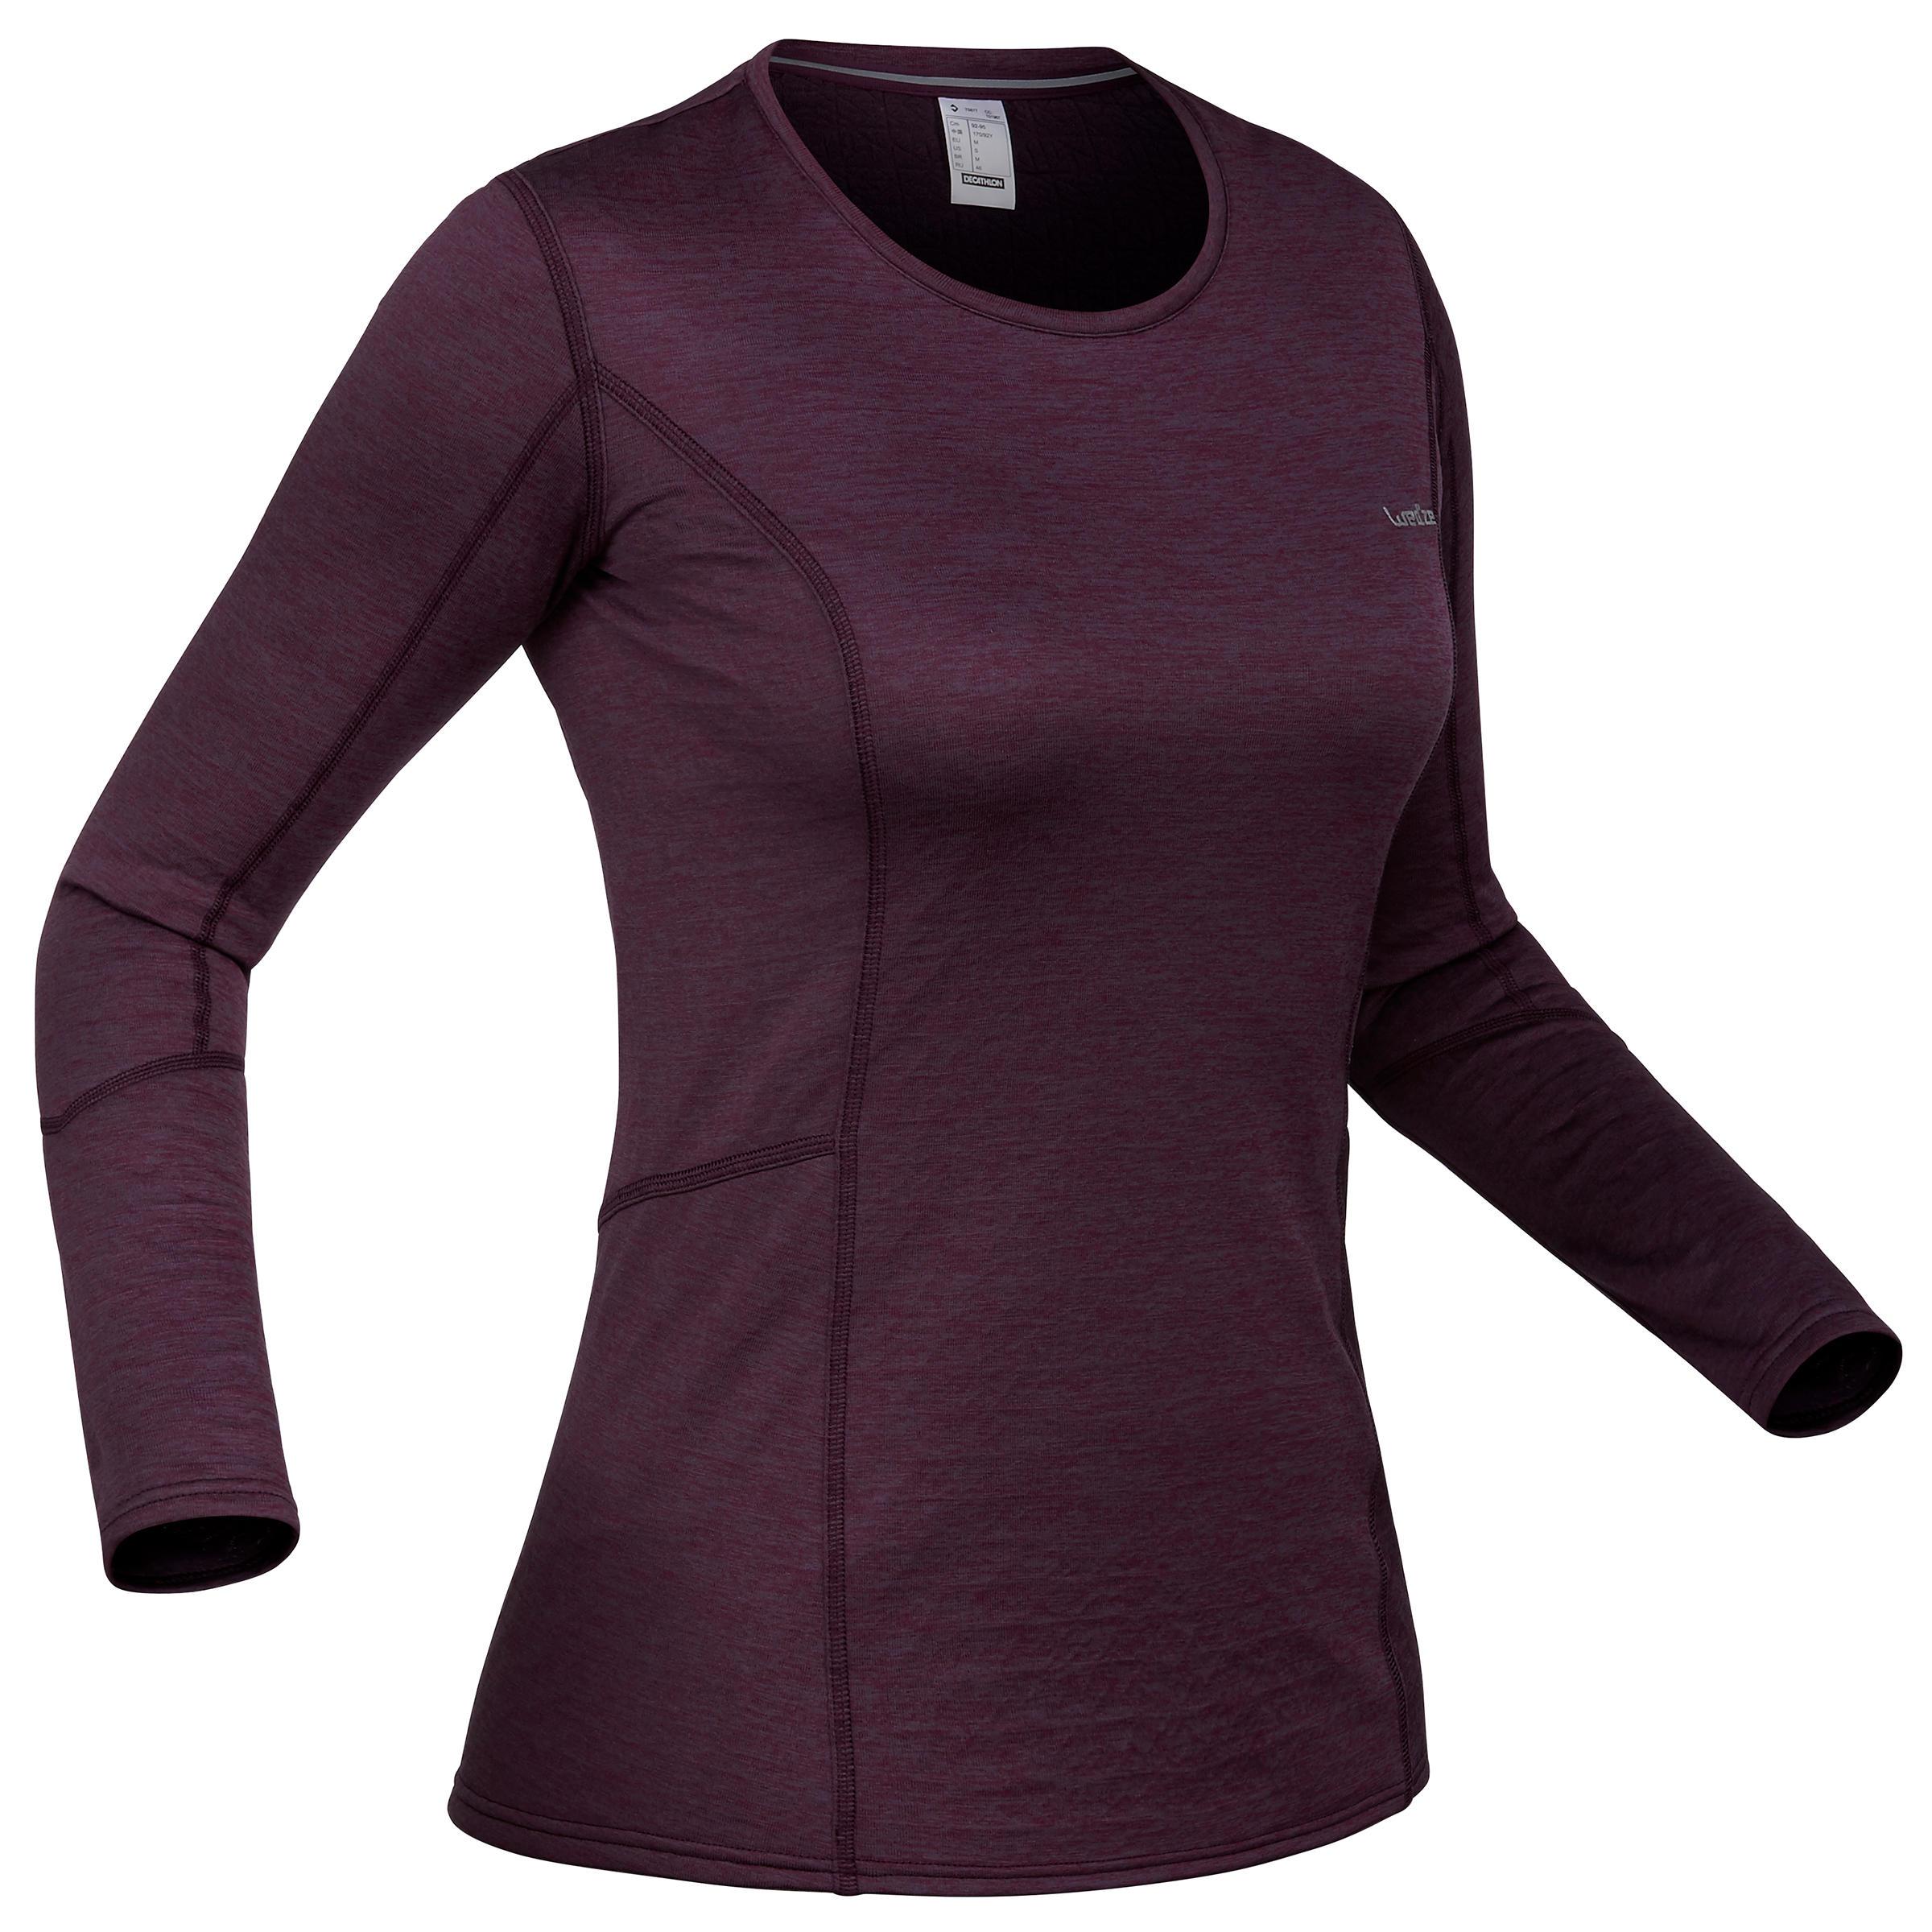 Skiunterhemd 500 Damen | Sportbekleidung > Funktionswäsche > Thermounterwäsche | Wedze